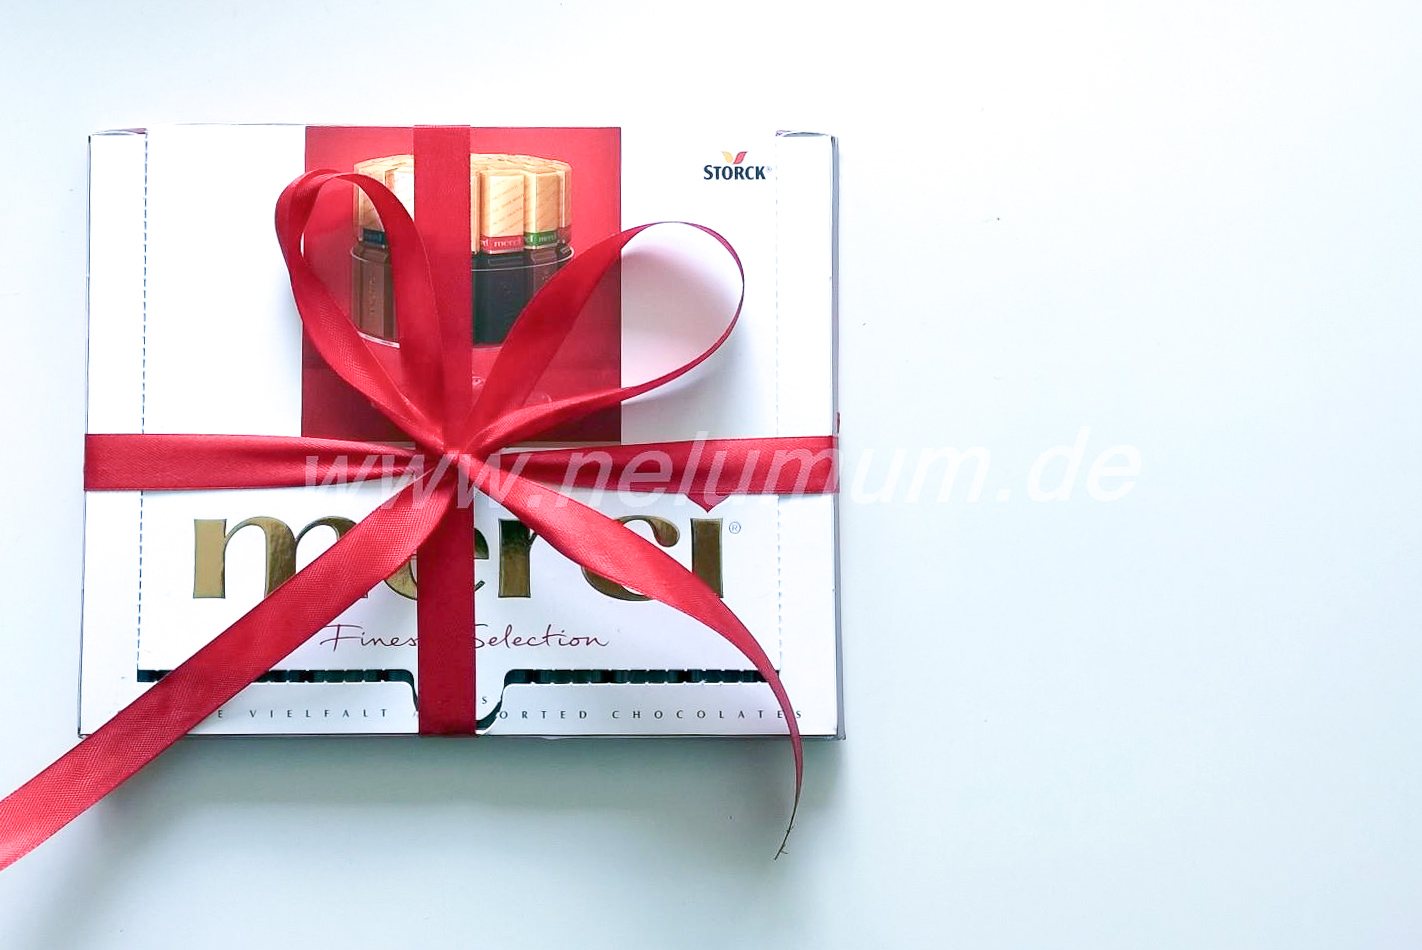 Ein Danke Ist Das Schonste Geschenk Nelumum